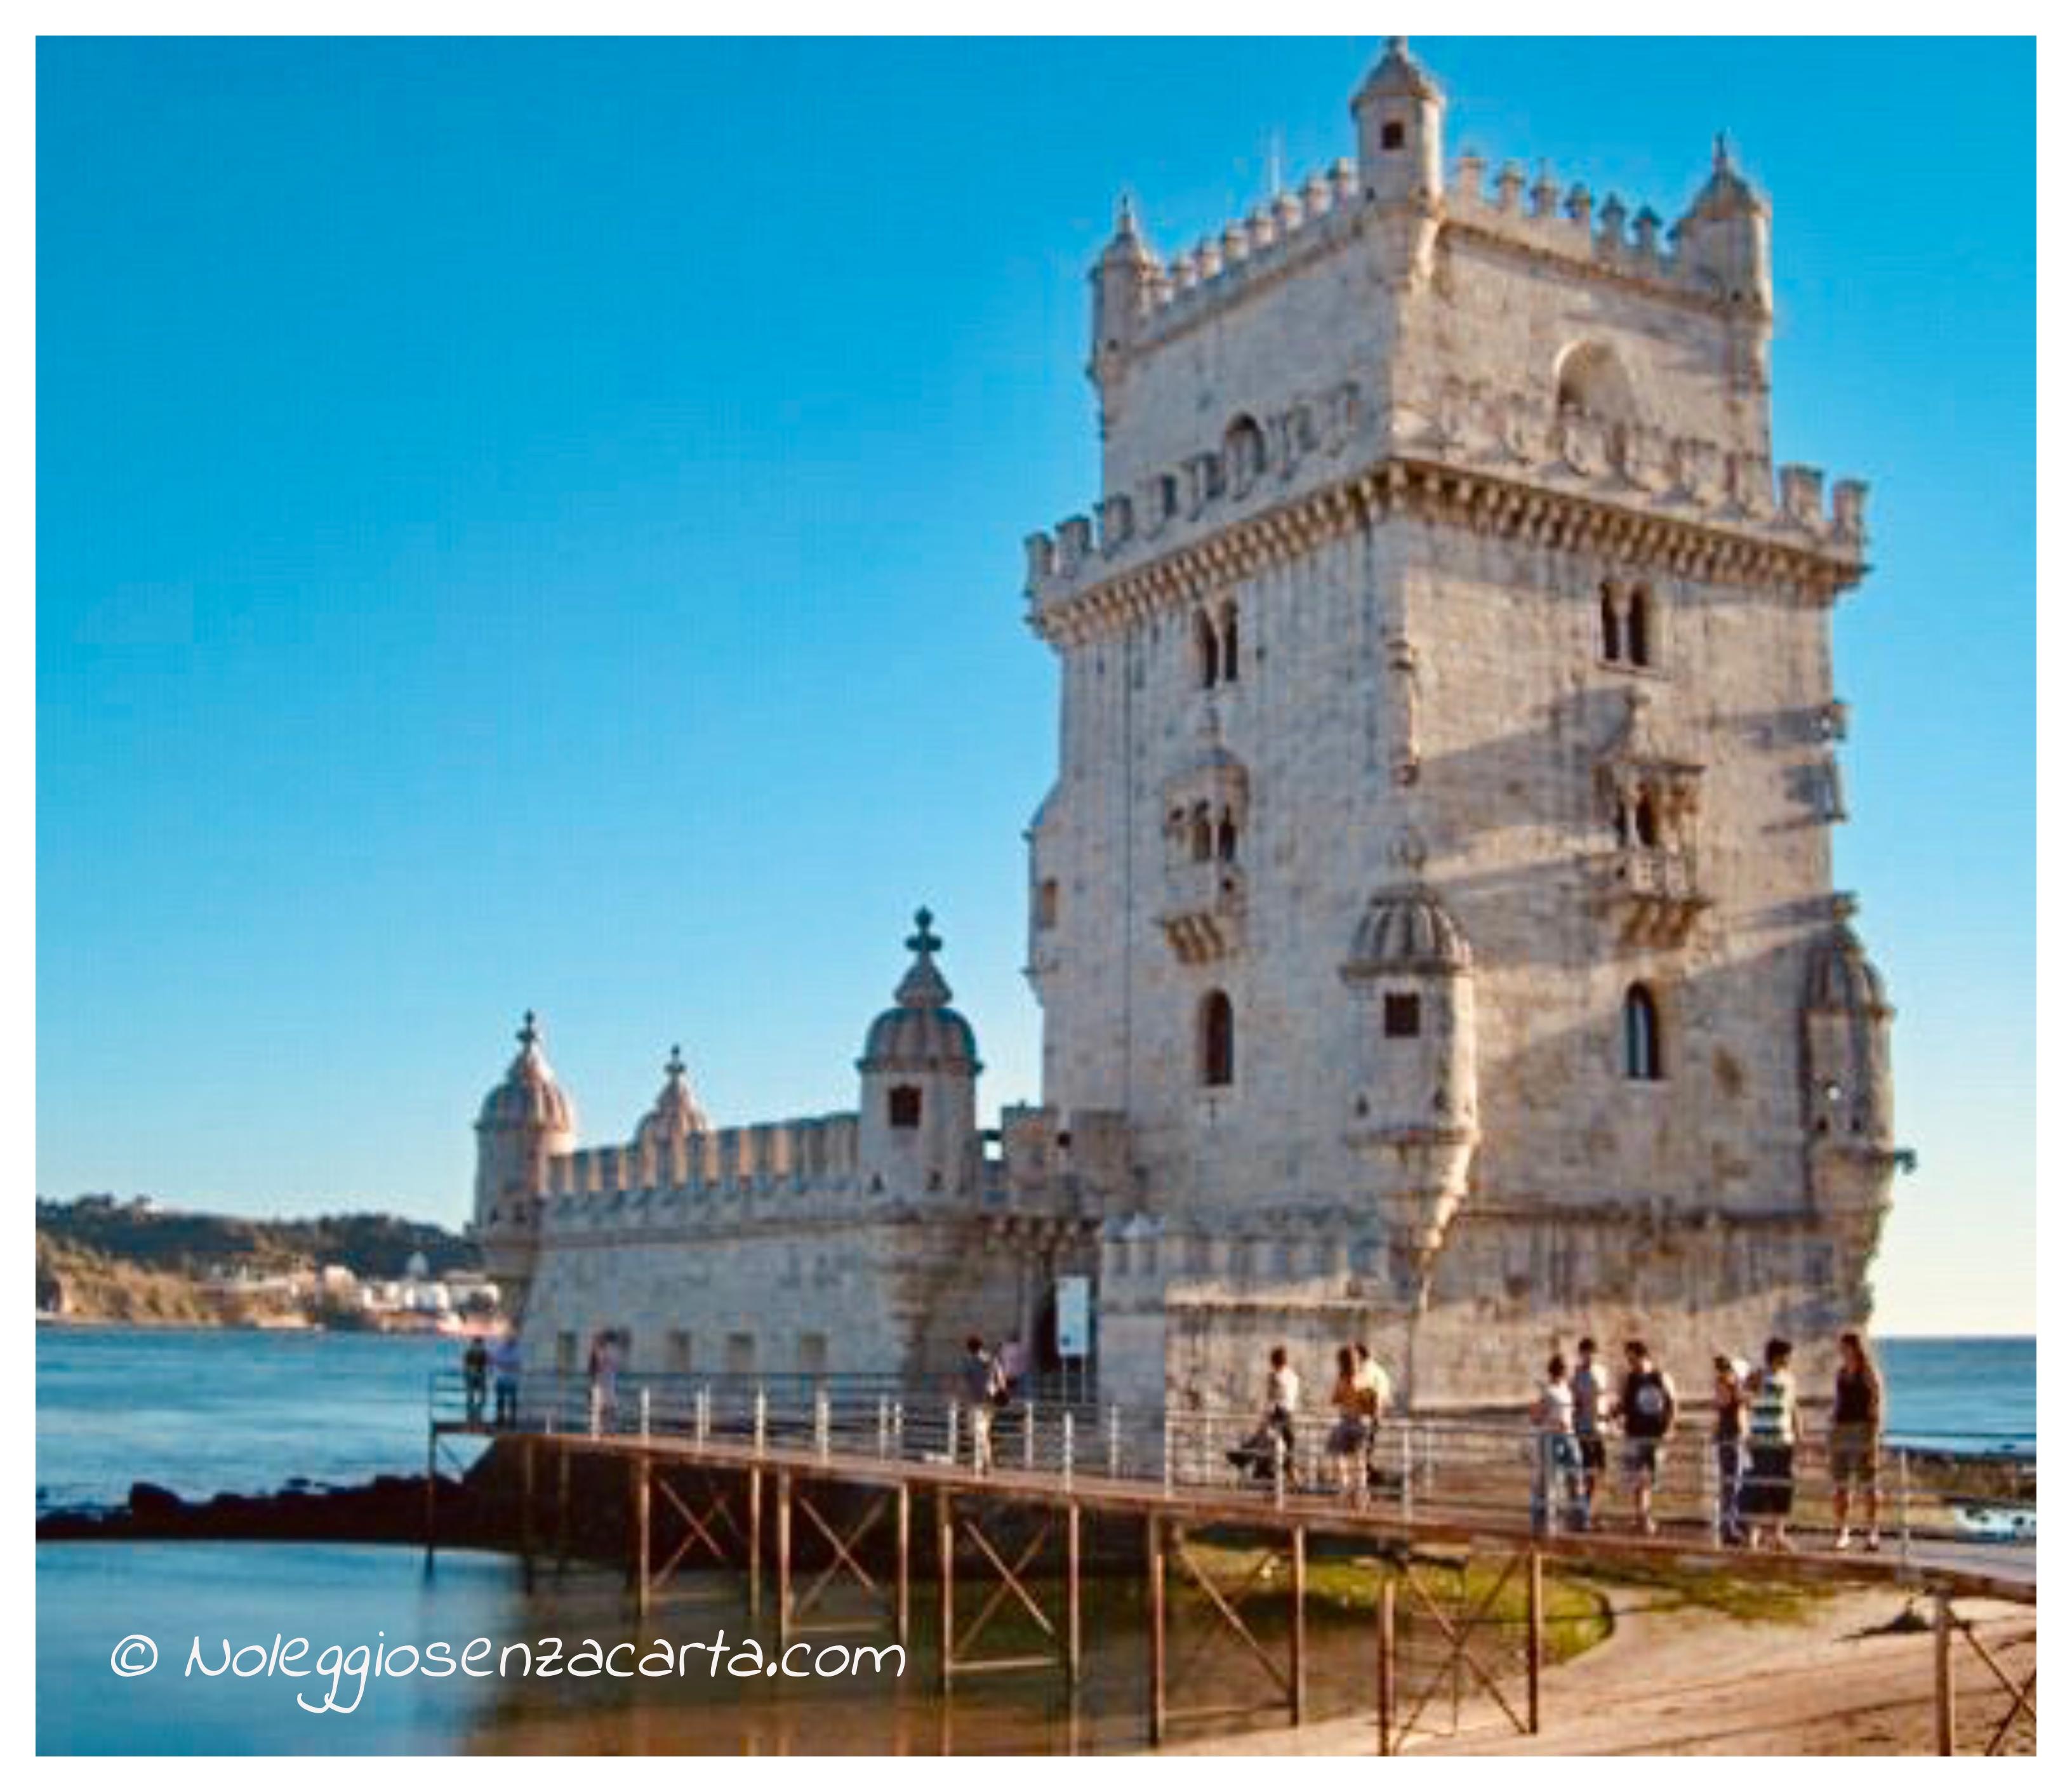 Location de voiture Lisbonne sans carte de crédit